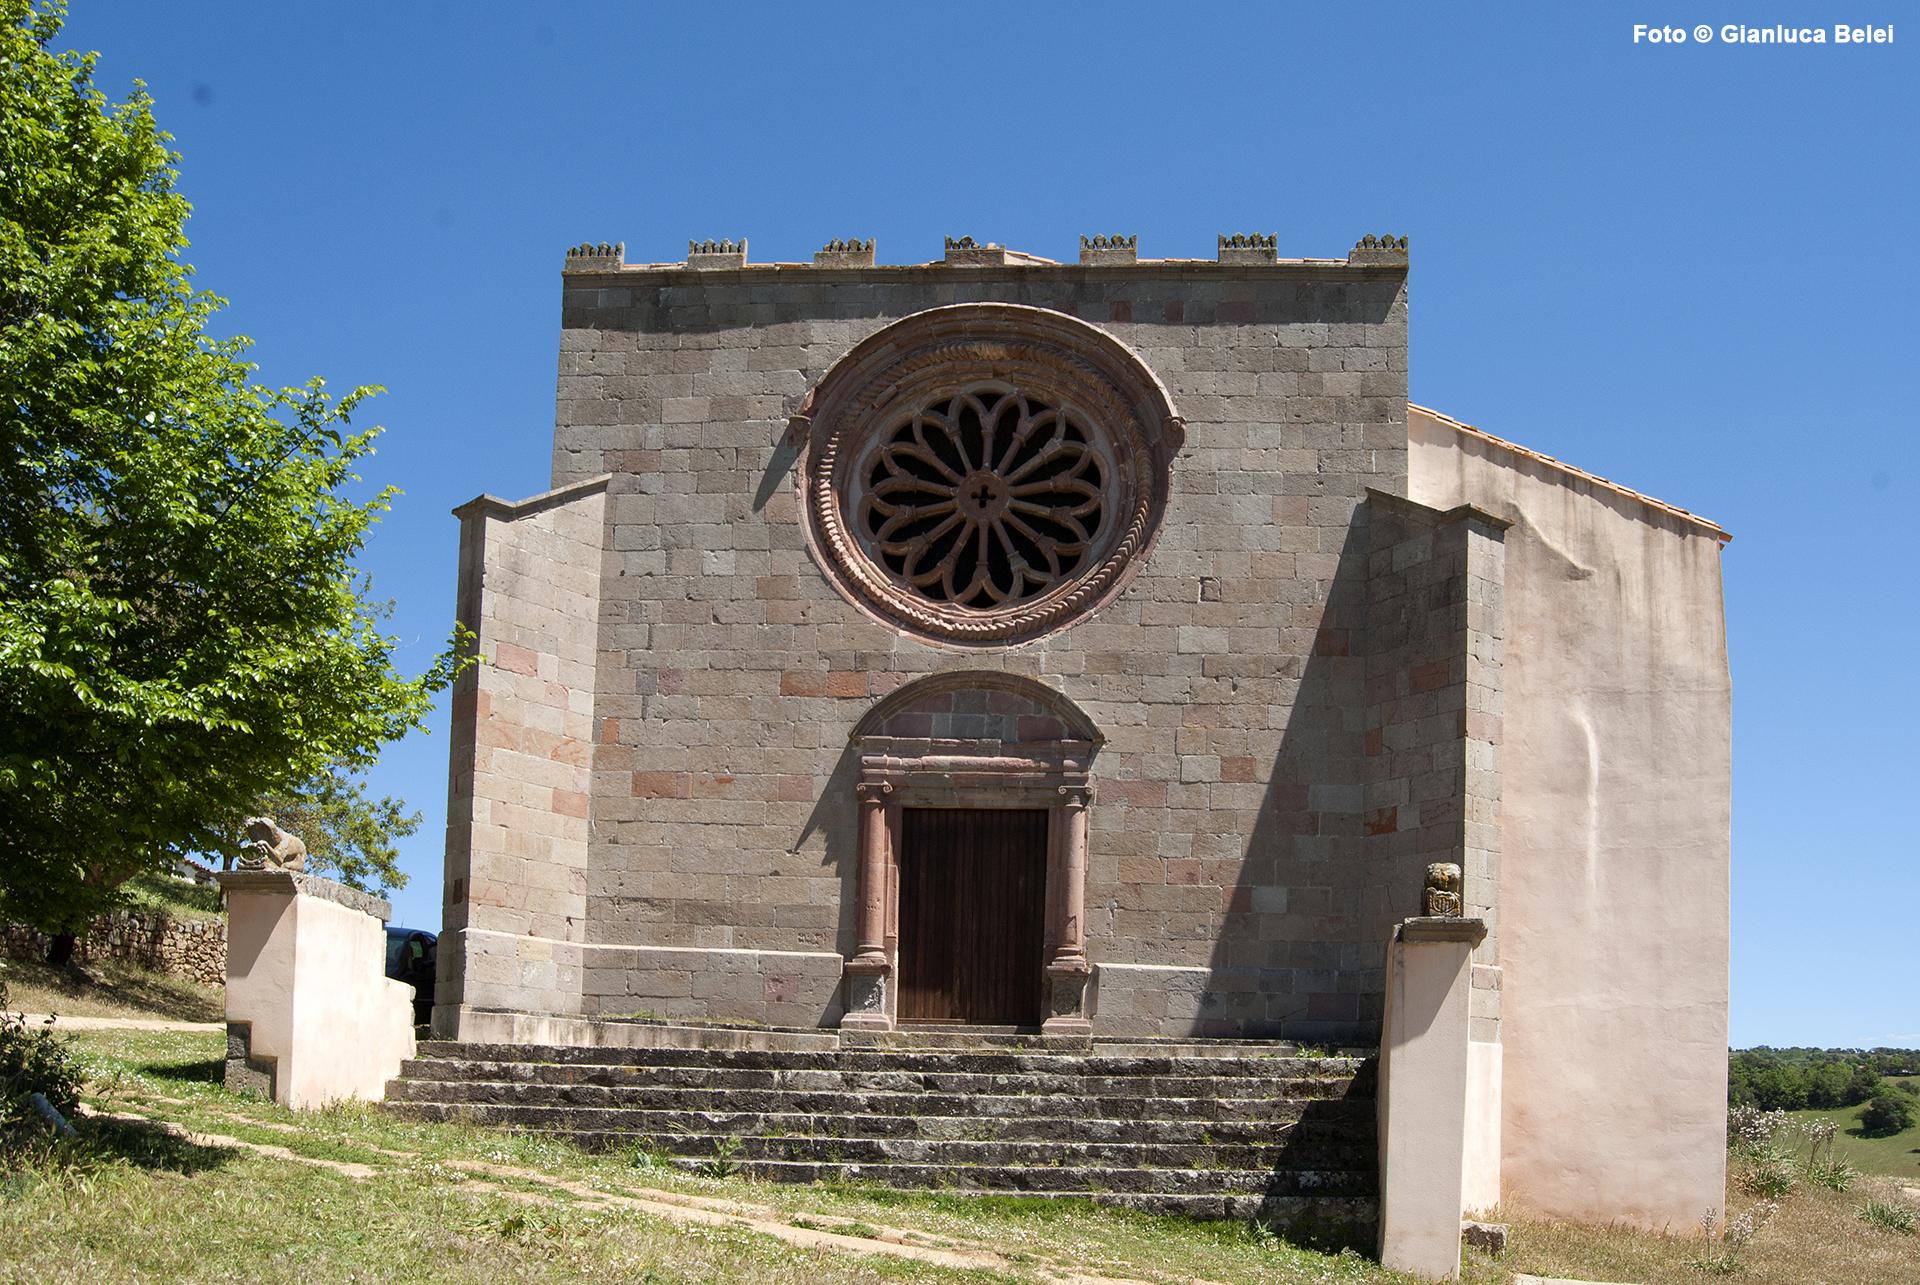 chiesa di San Mauro, Sorgono, Nuoro, Sardegna, museo di sorgono, biru 'e concas